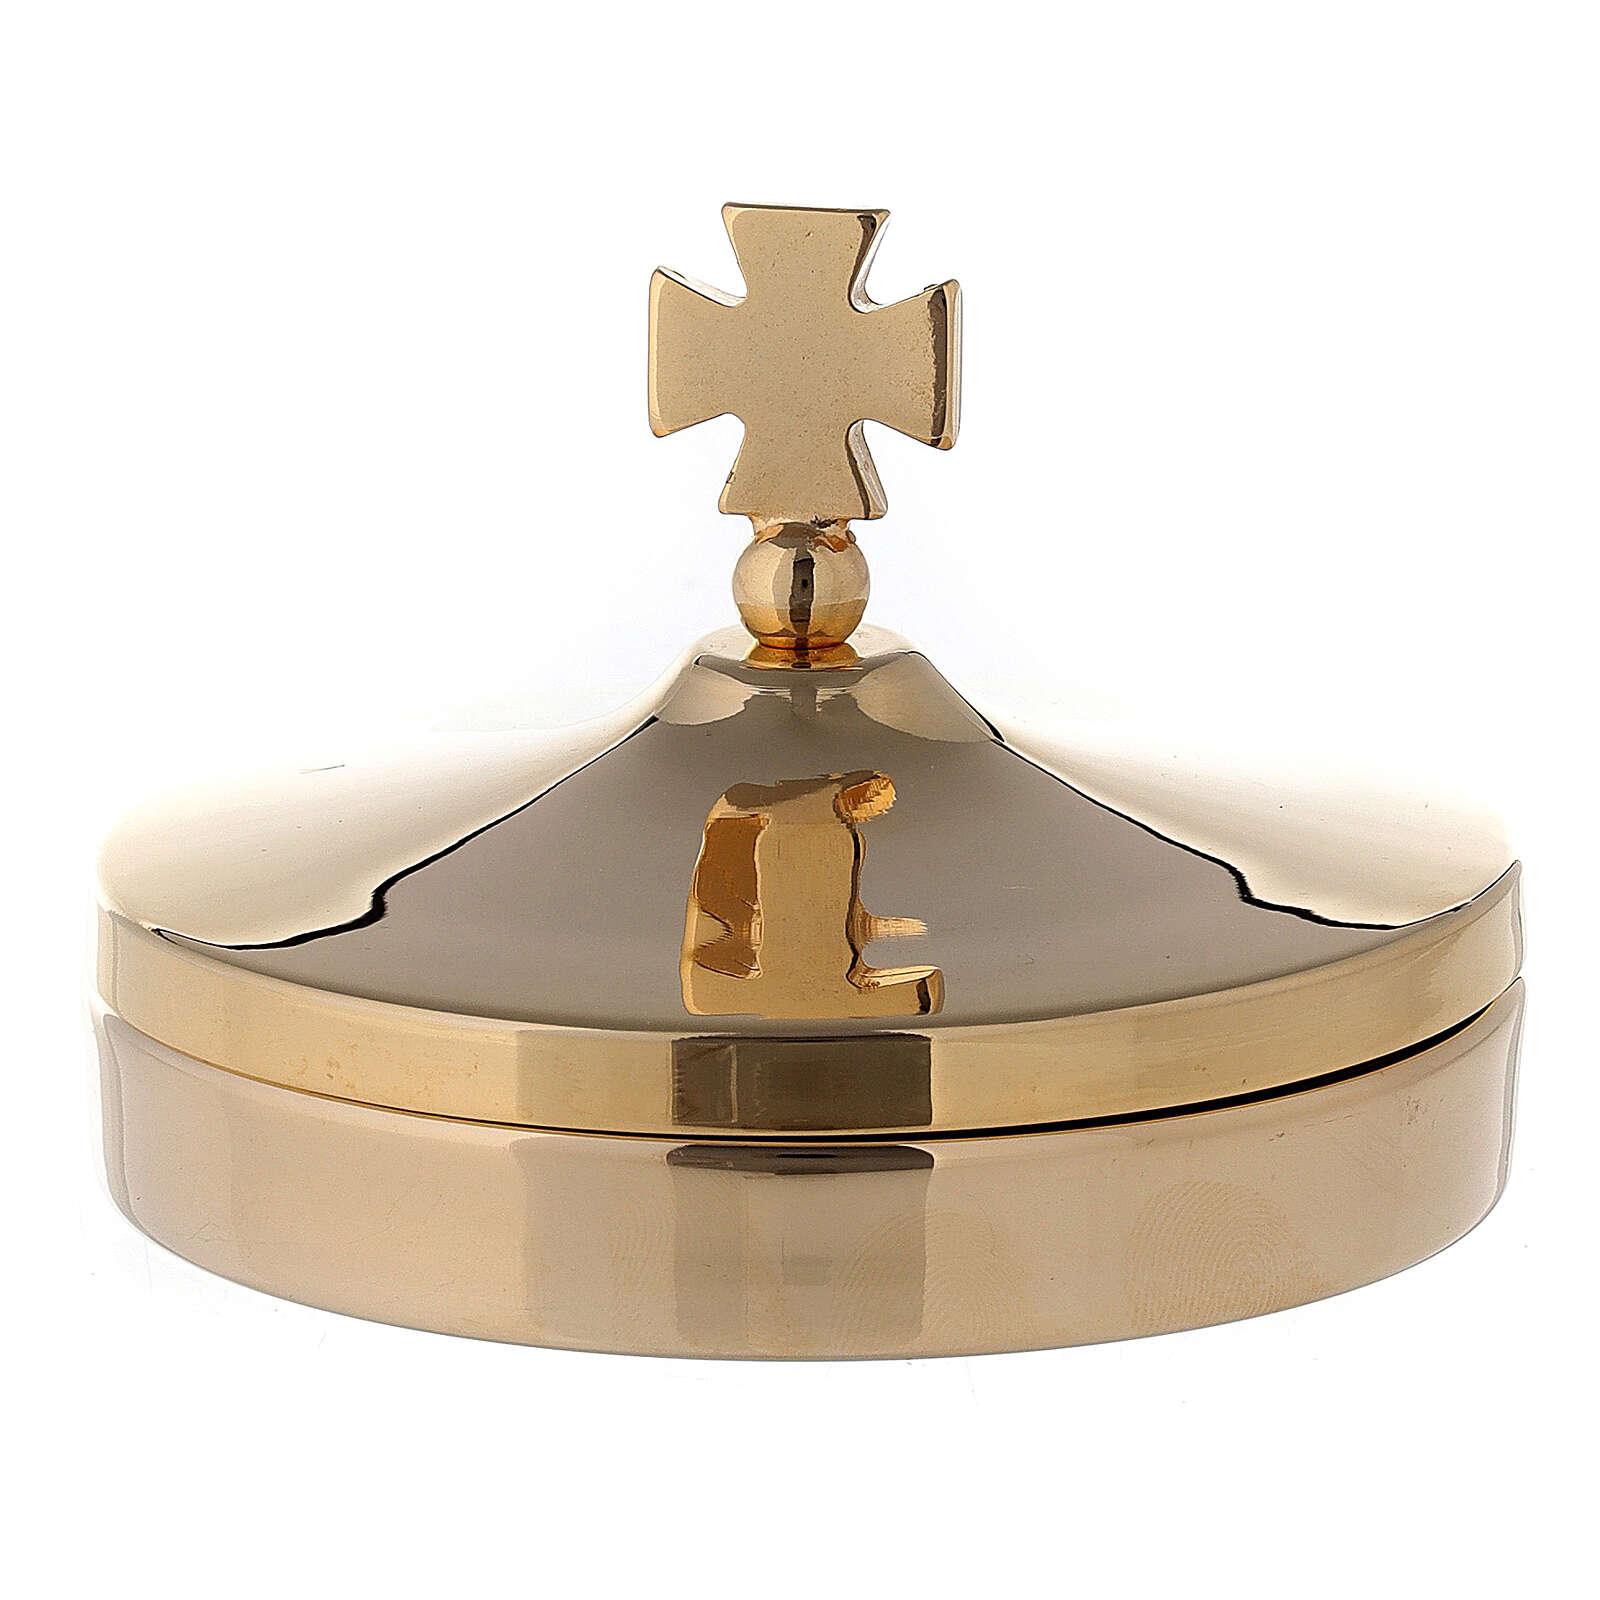 Scatola porta ostie diam 8 cm in ottone dorato lucido 24K 3